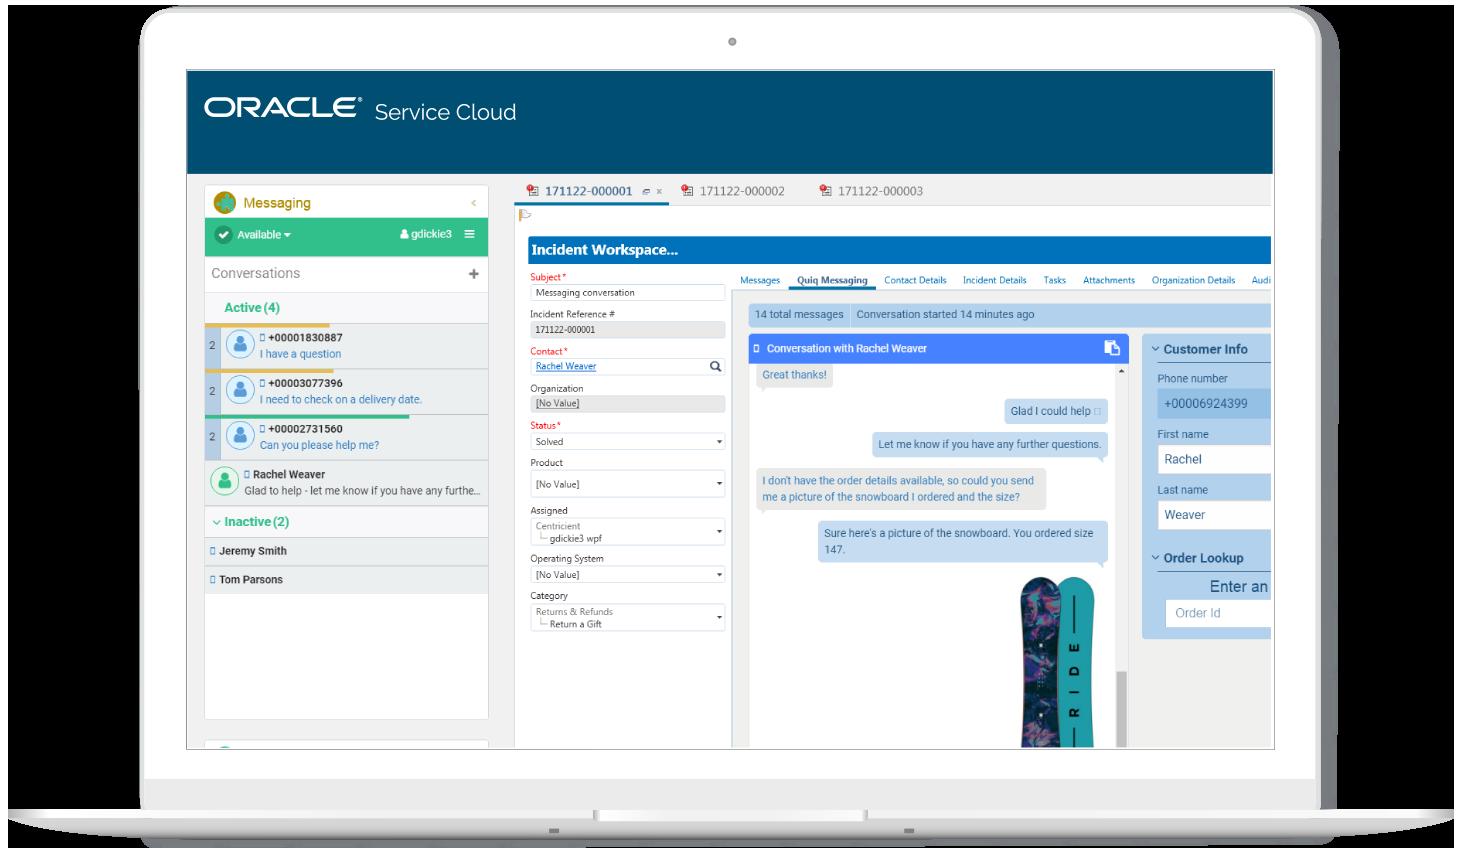 Oracle Service Cloud Integration - Quiq